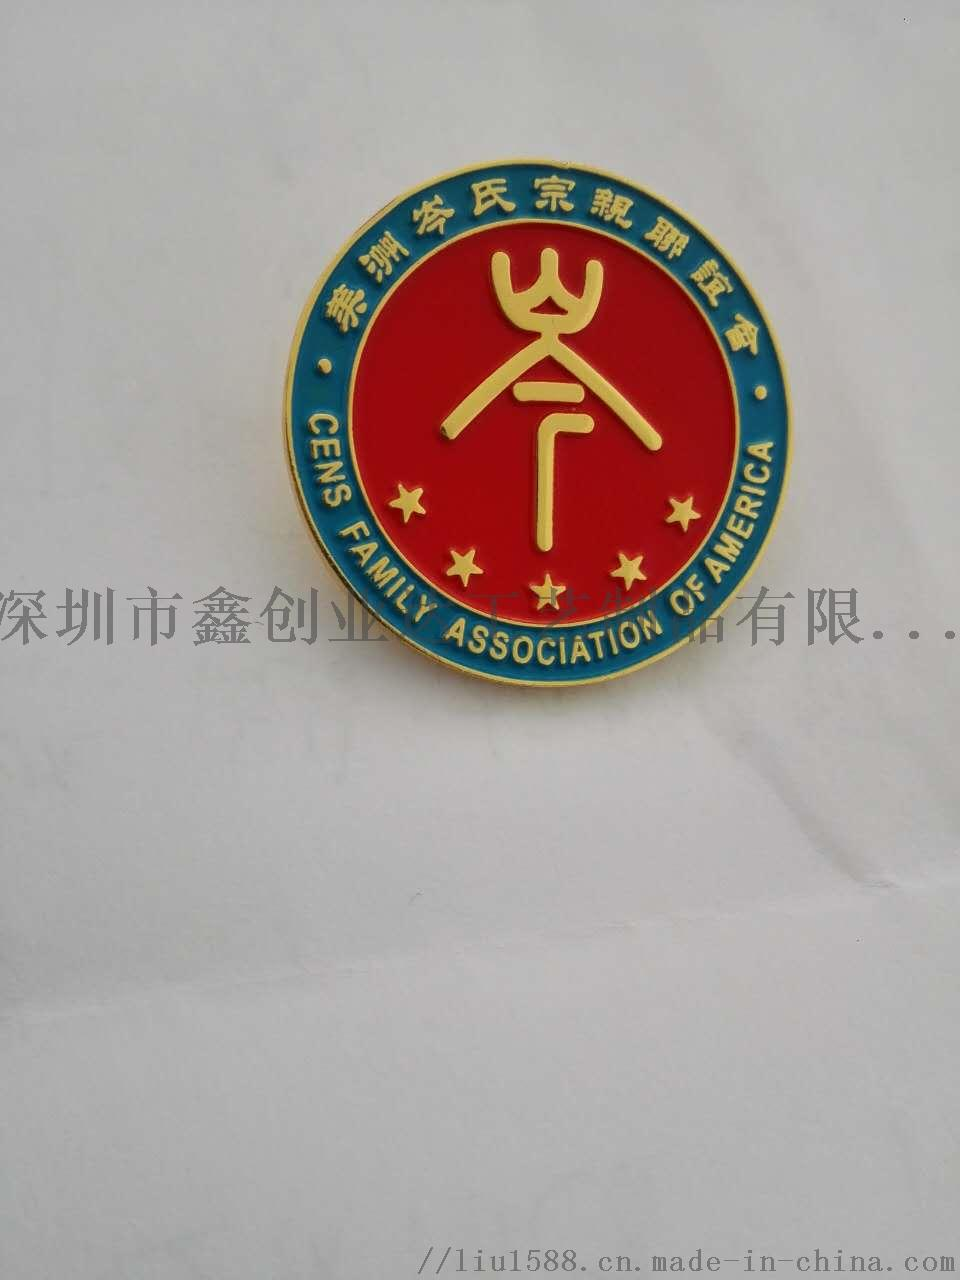 石家庄定制金属标牌纪念章徽章胸章logo订做设计131372015